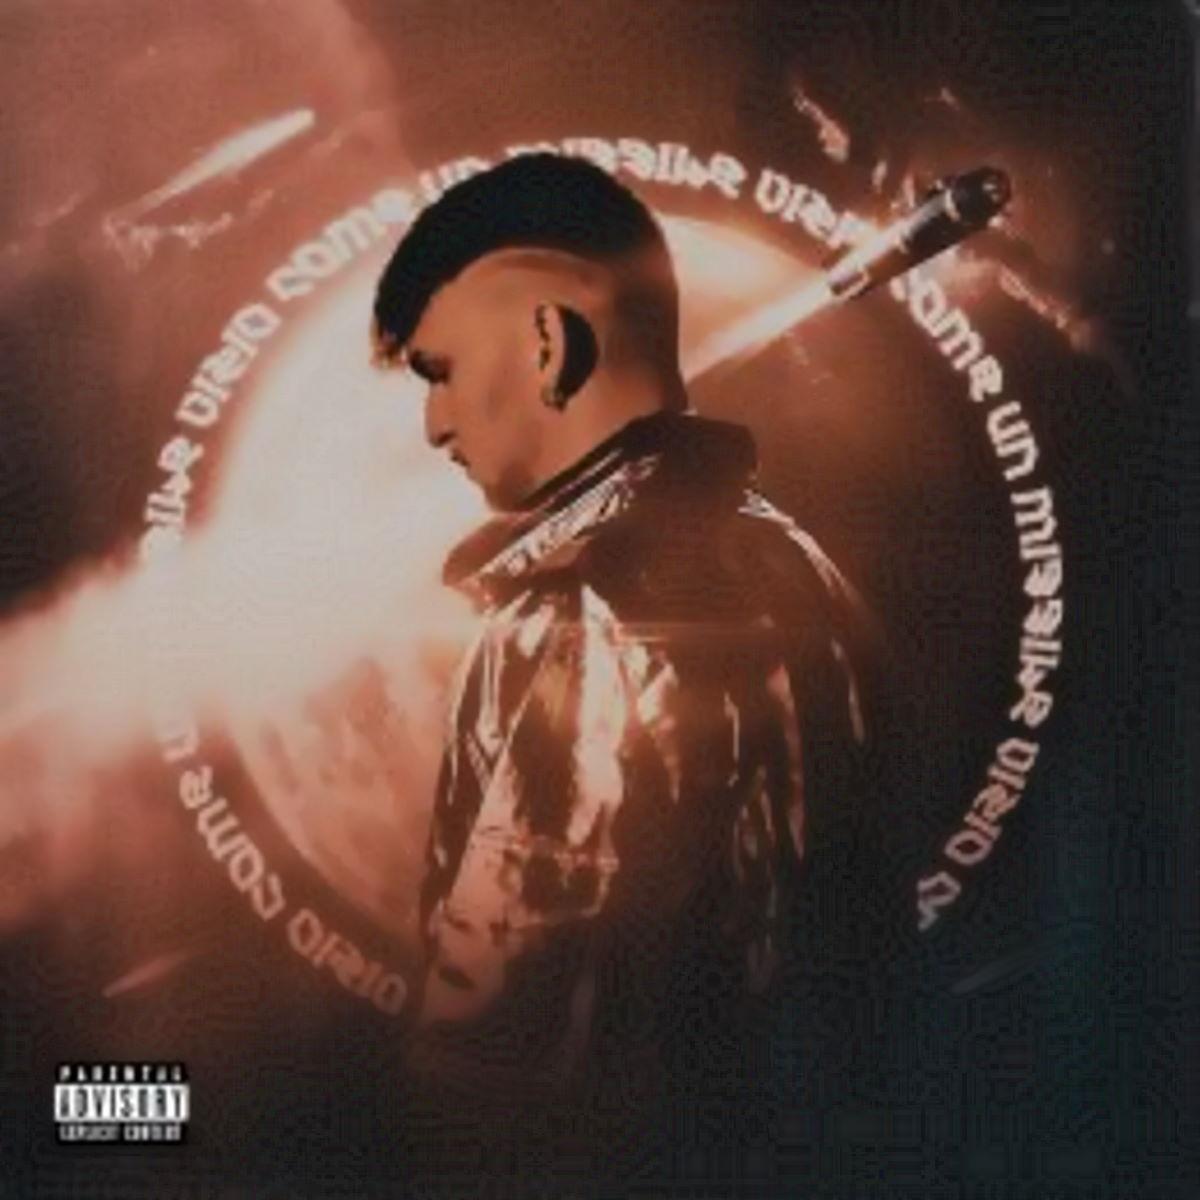 """VIZIO, """"Come un missile"""" è il nuovo singolo del rapper torinese dal mood dance"""